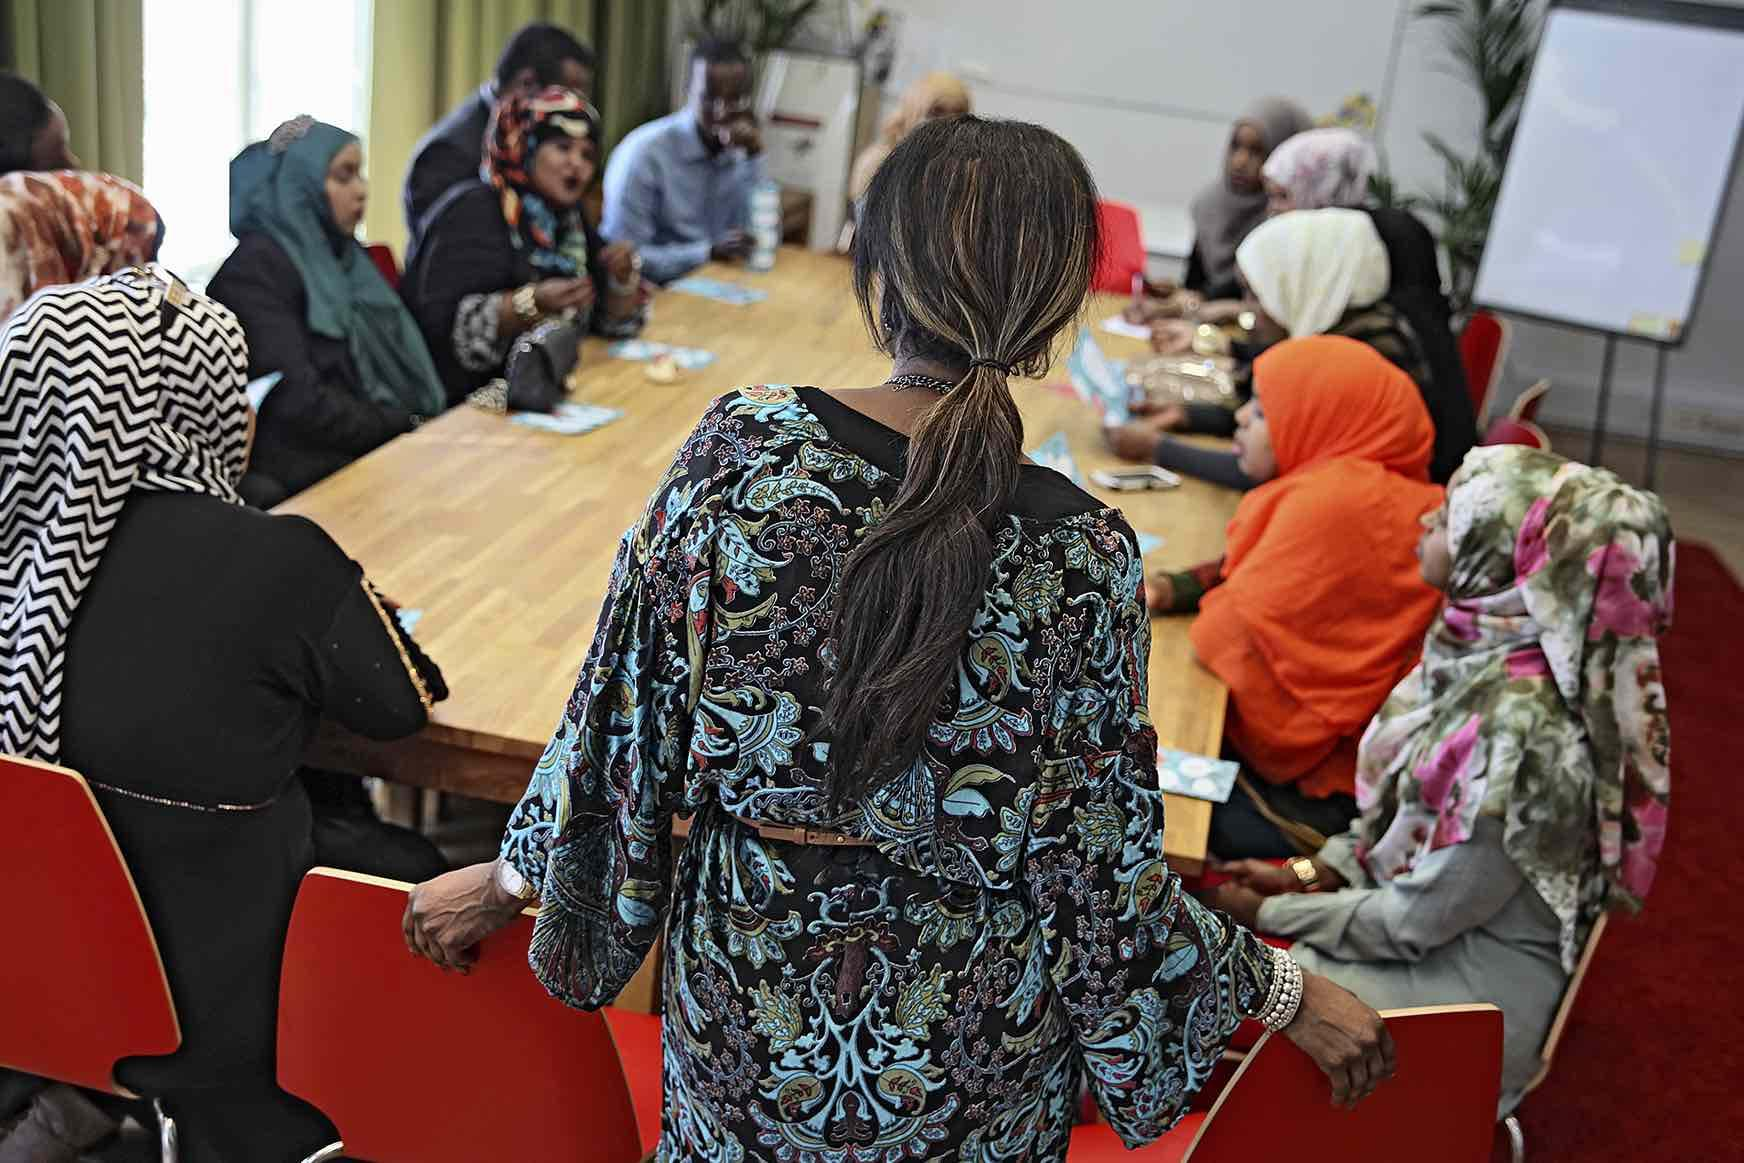 Ihmisoikeusliiton verkostotapaamisessa keskusteltiin ihmisoikeuskysymyksistä ja maahanmuuttajien kohtaamista haasteista.